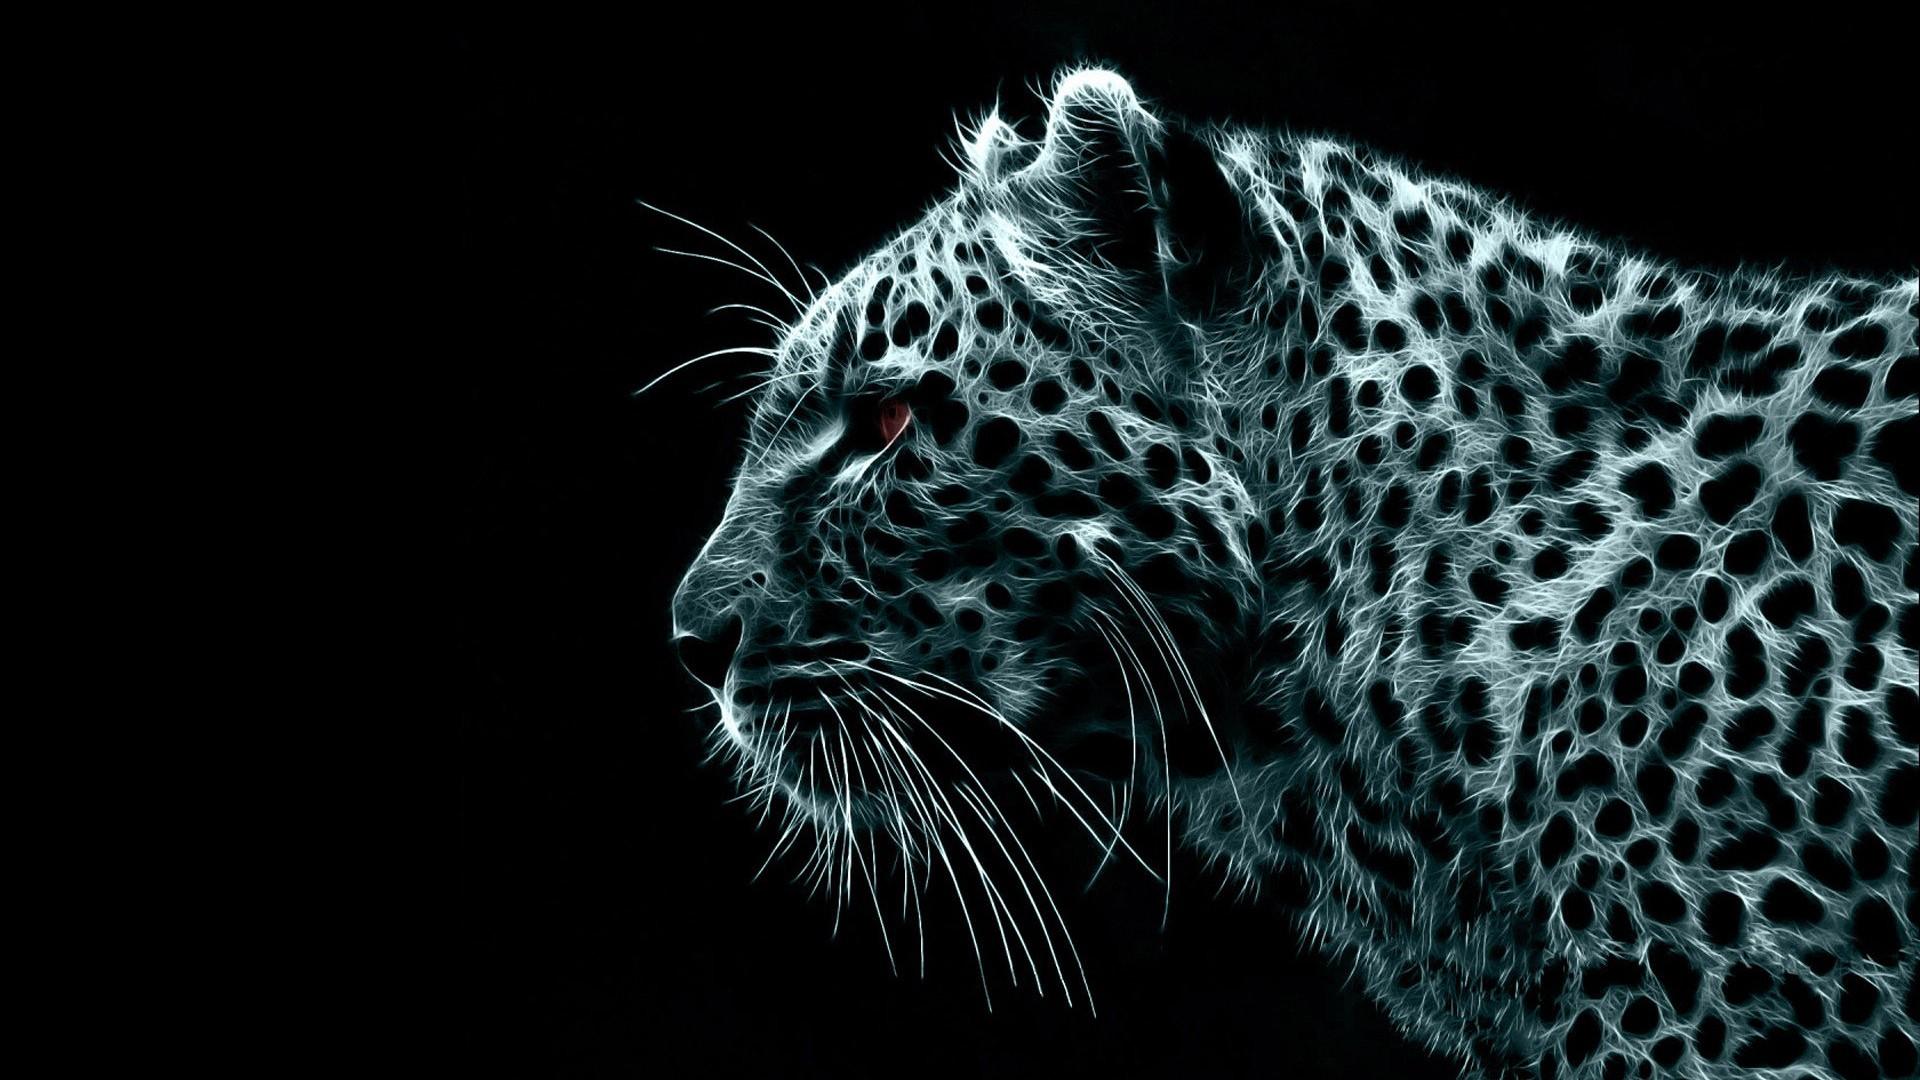 cheetah wallpaper for desktop wallpapersafari